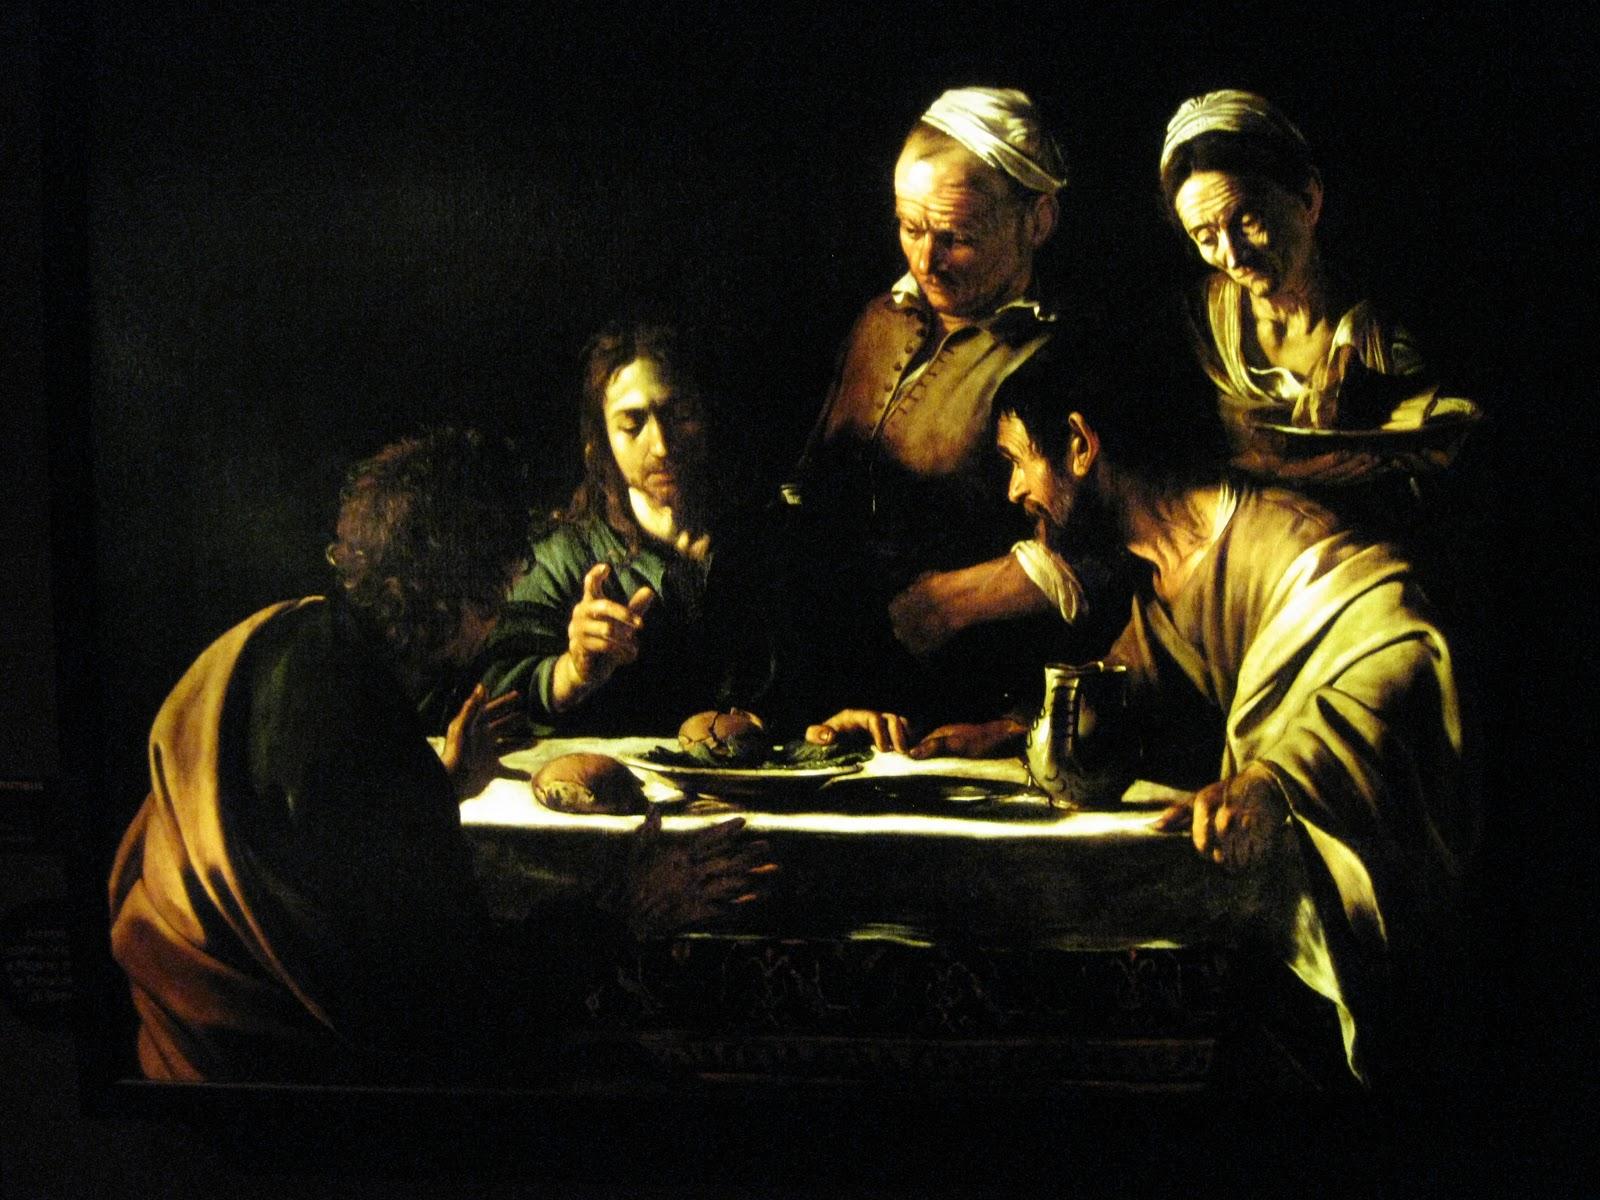 Climblog mostra impossibile di caravaggio a milano for Caravaggio a milano